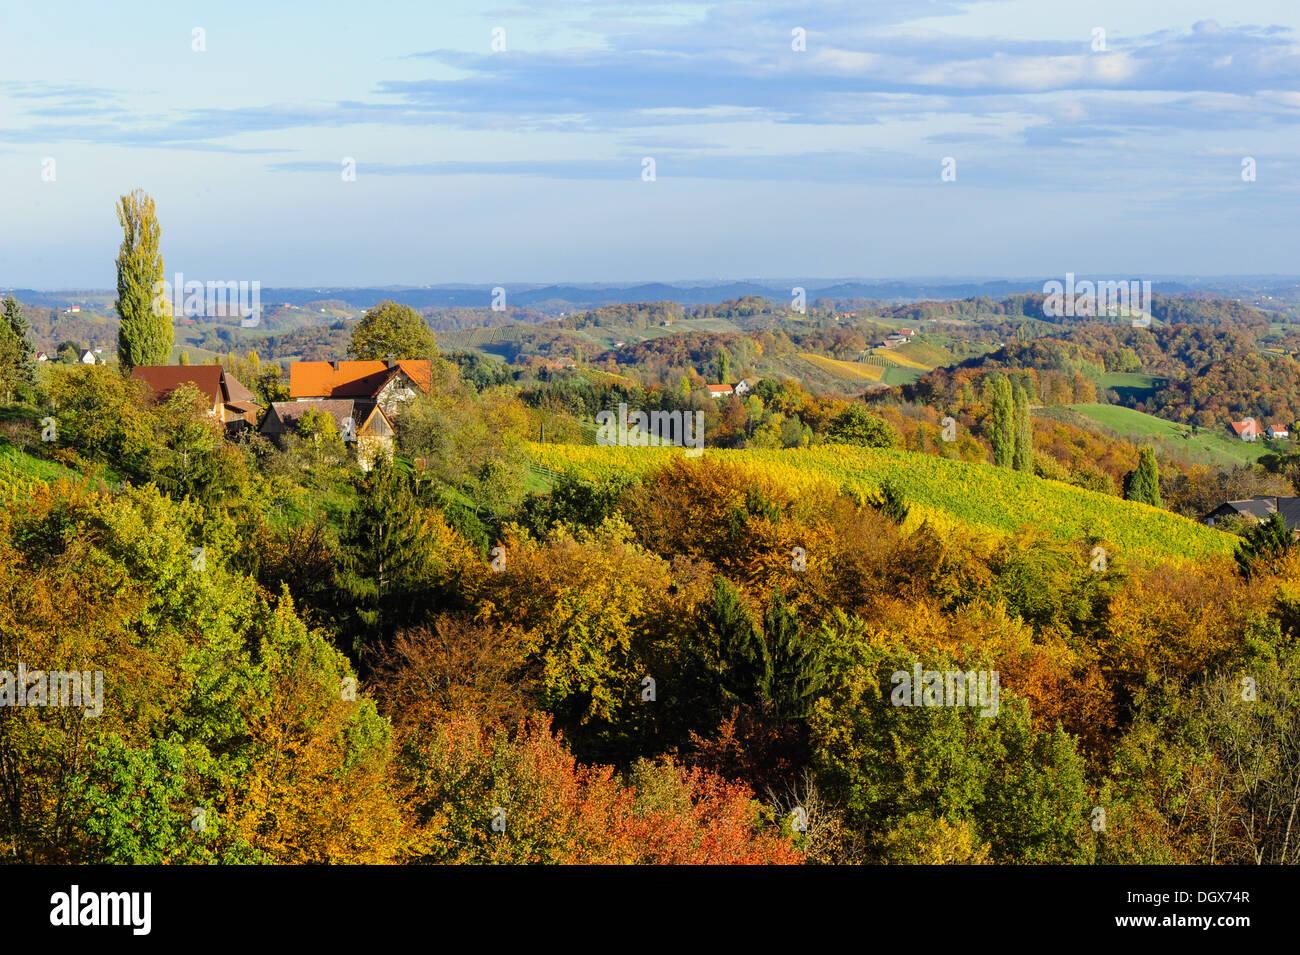 Suedsteirische Weinstrasse, Southern Styria wine route in autumn, Austria, Styria, Southern Styria, Glanz Stock Photo